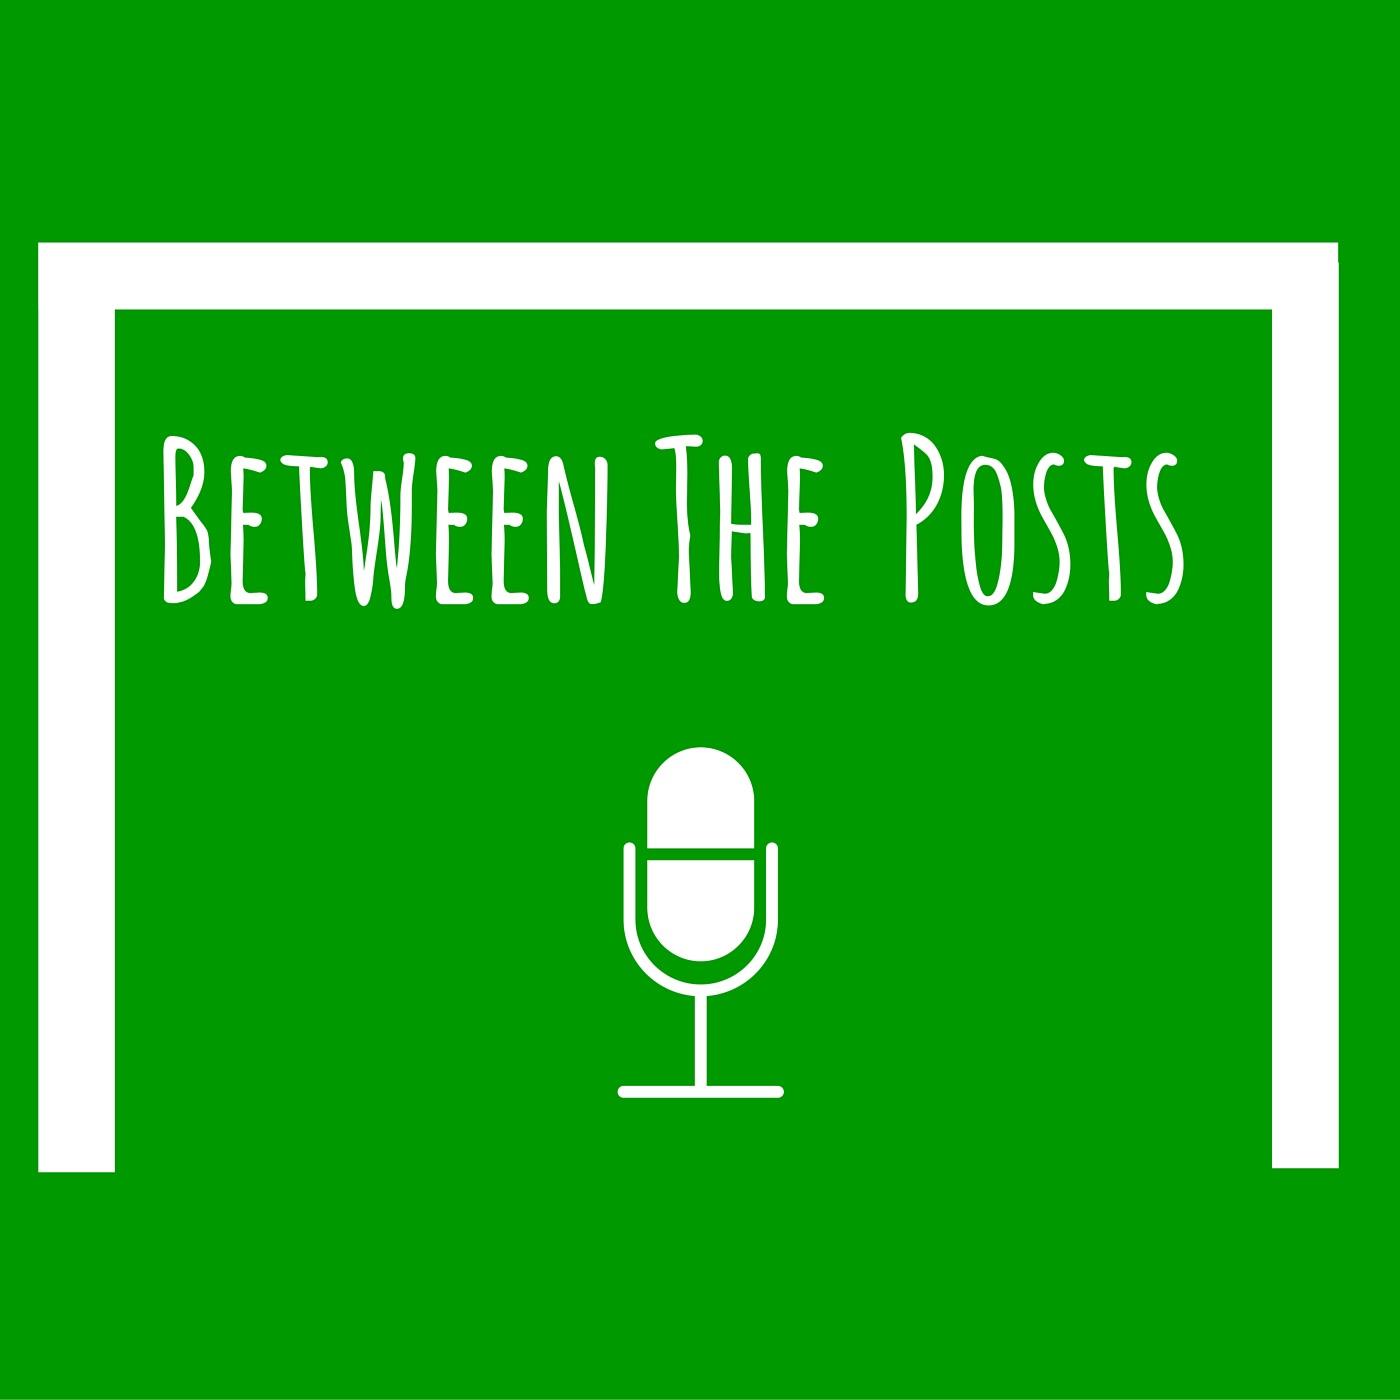 Between The Posts